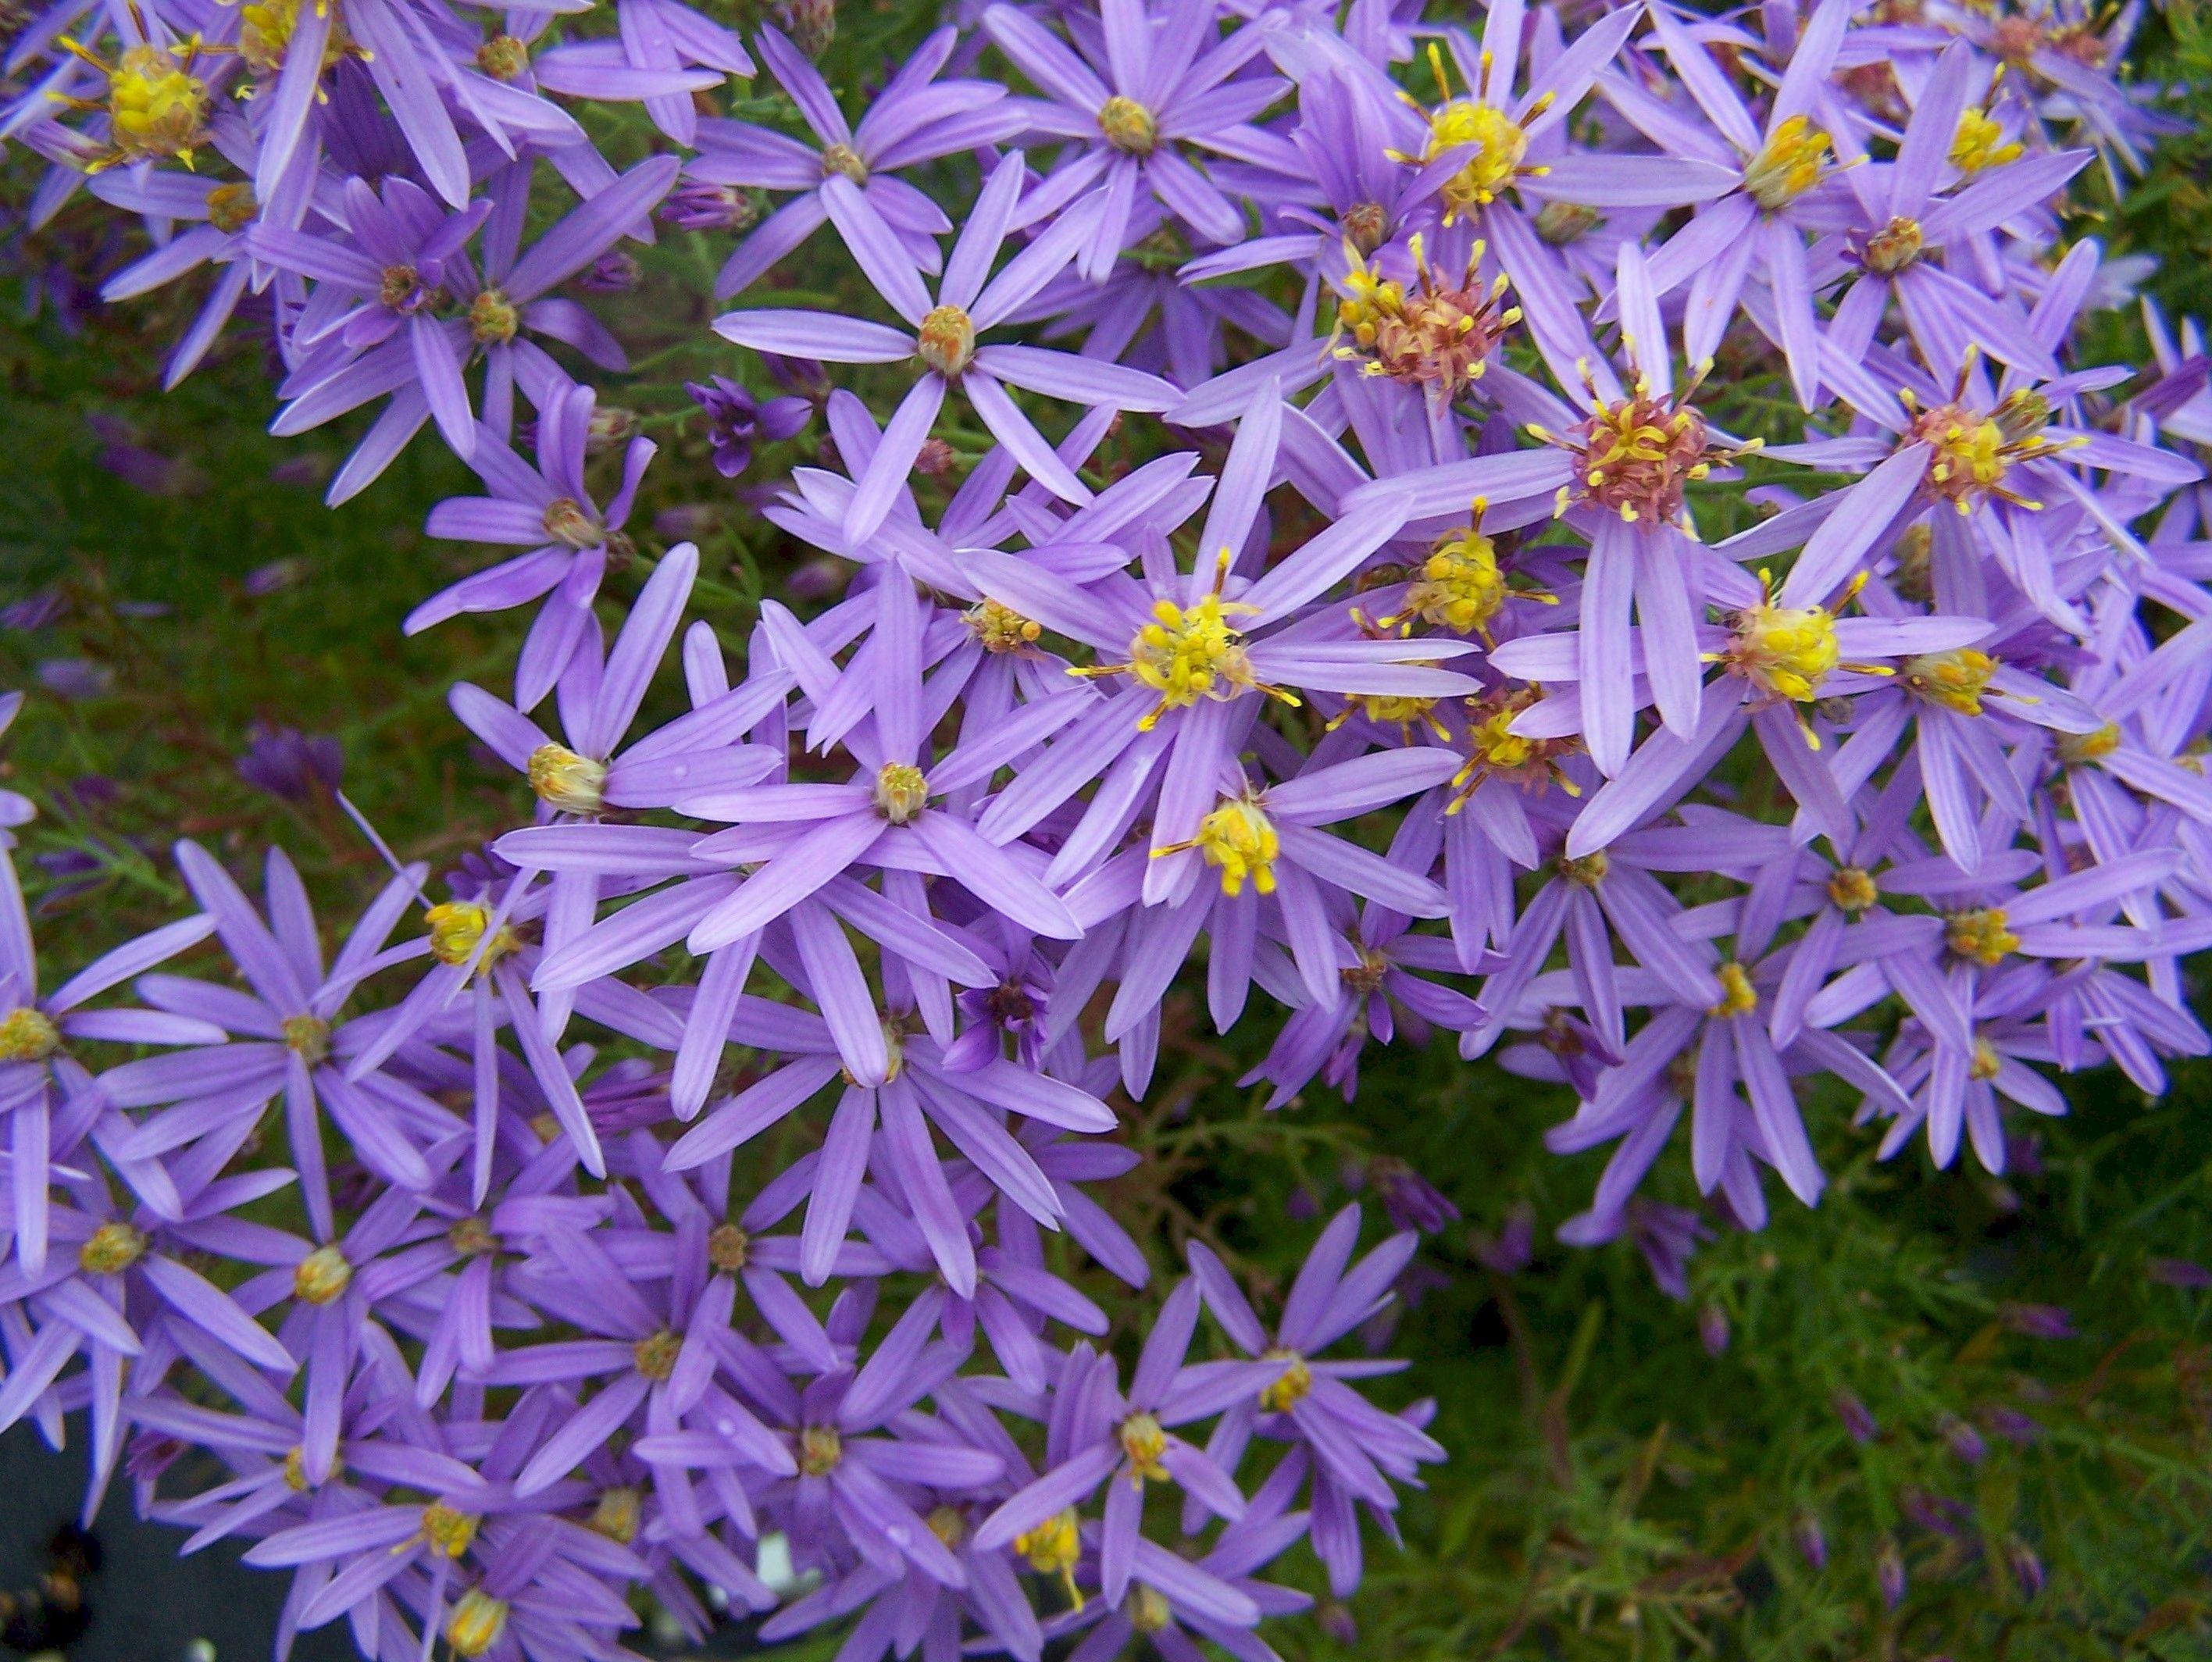 Margaritas De Colores En La Hierba 30995: -Asteraceae: Aster; Margaritas